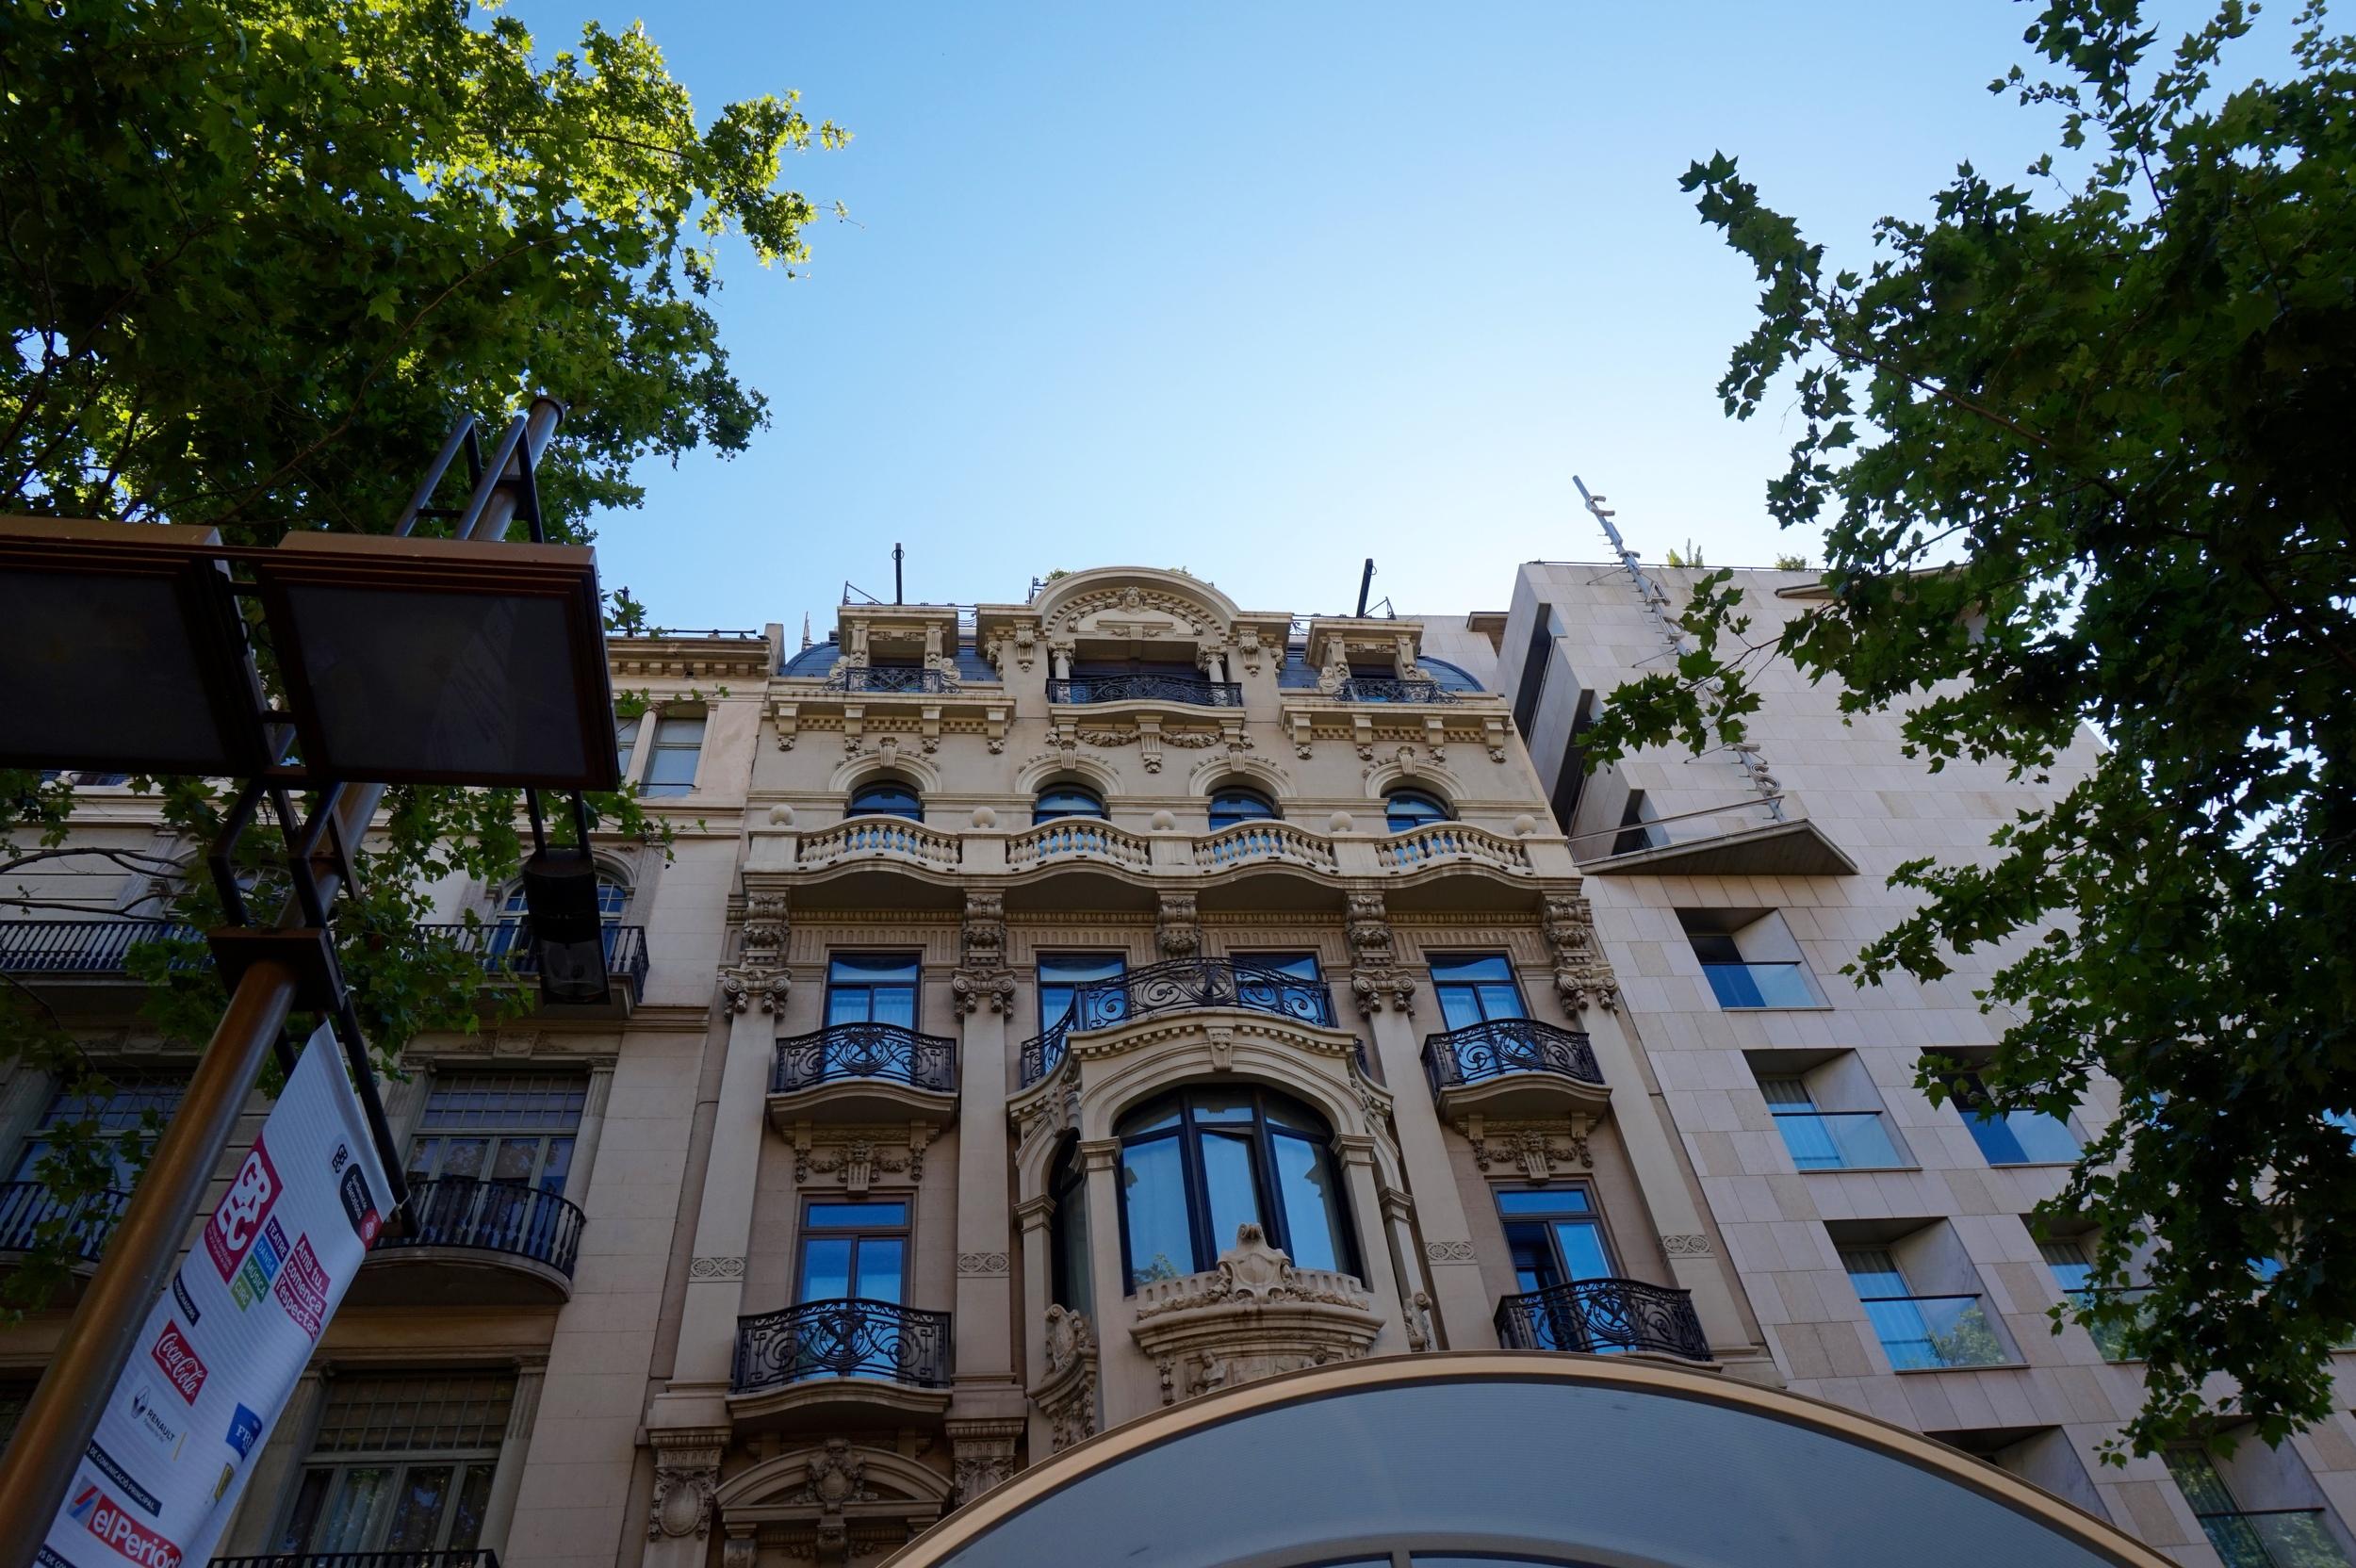 barcelonaarchitecture.jpg